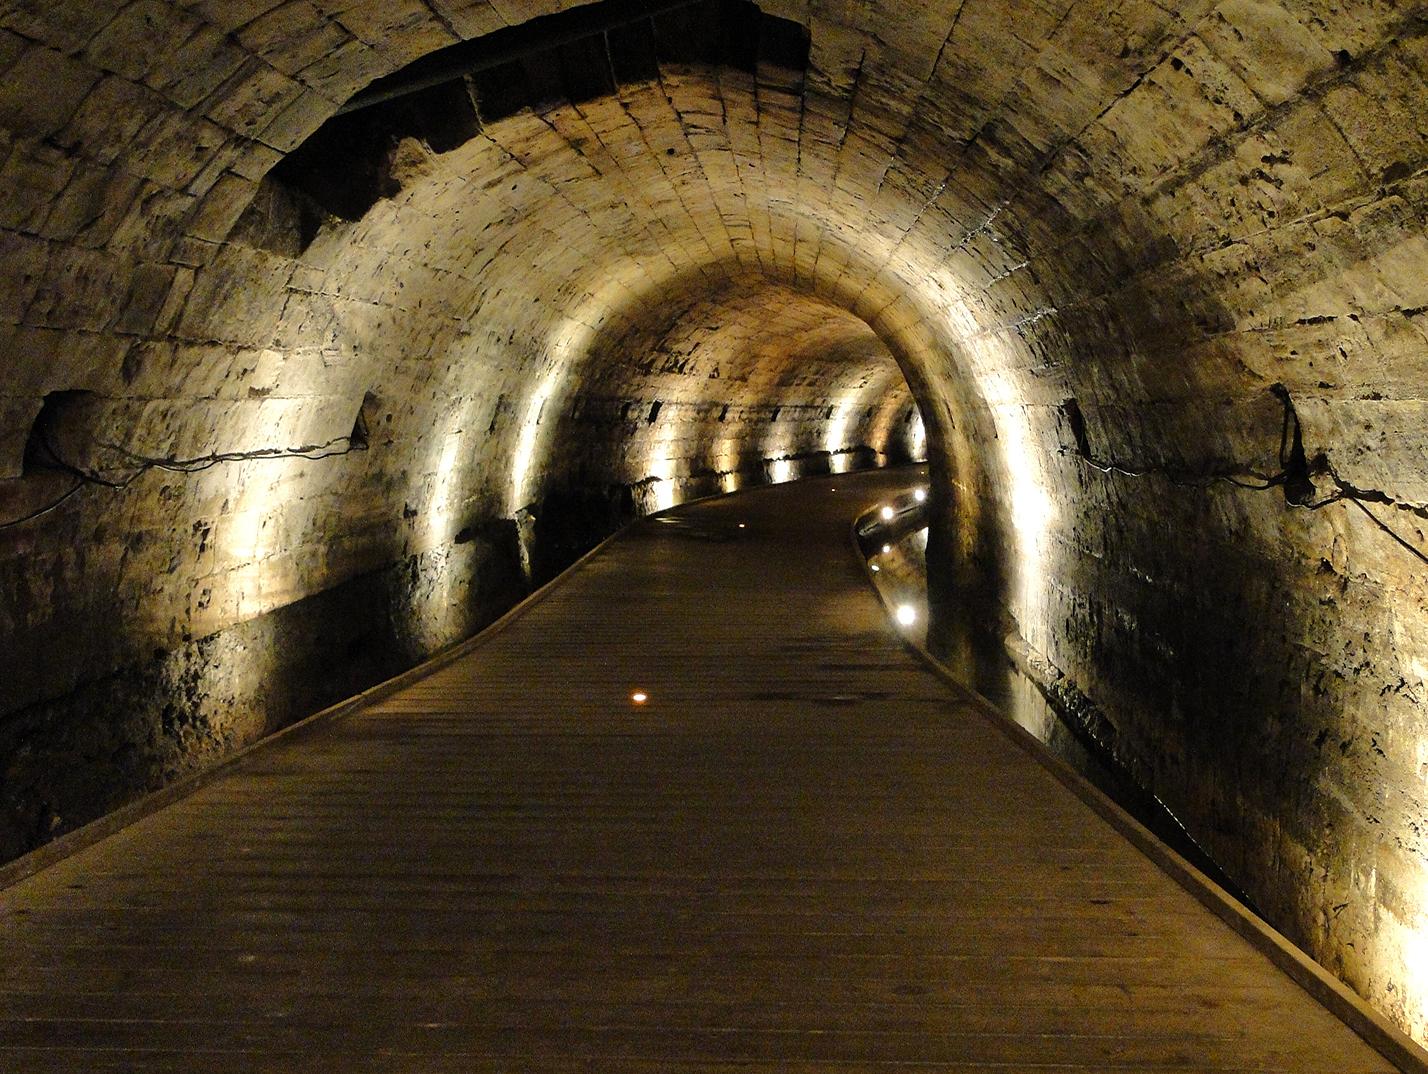 Tunnel des templiers, Acre